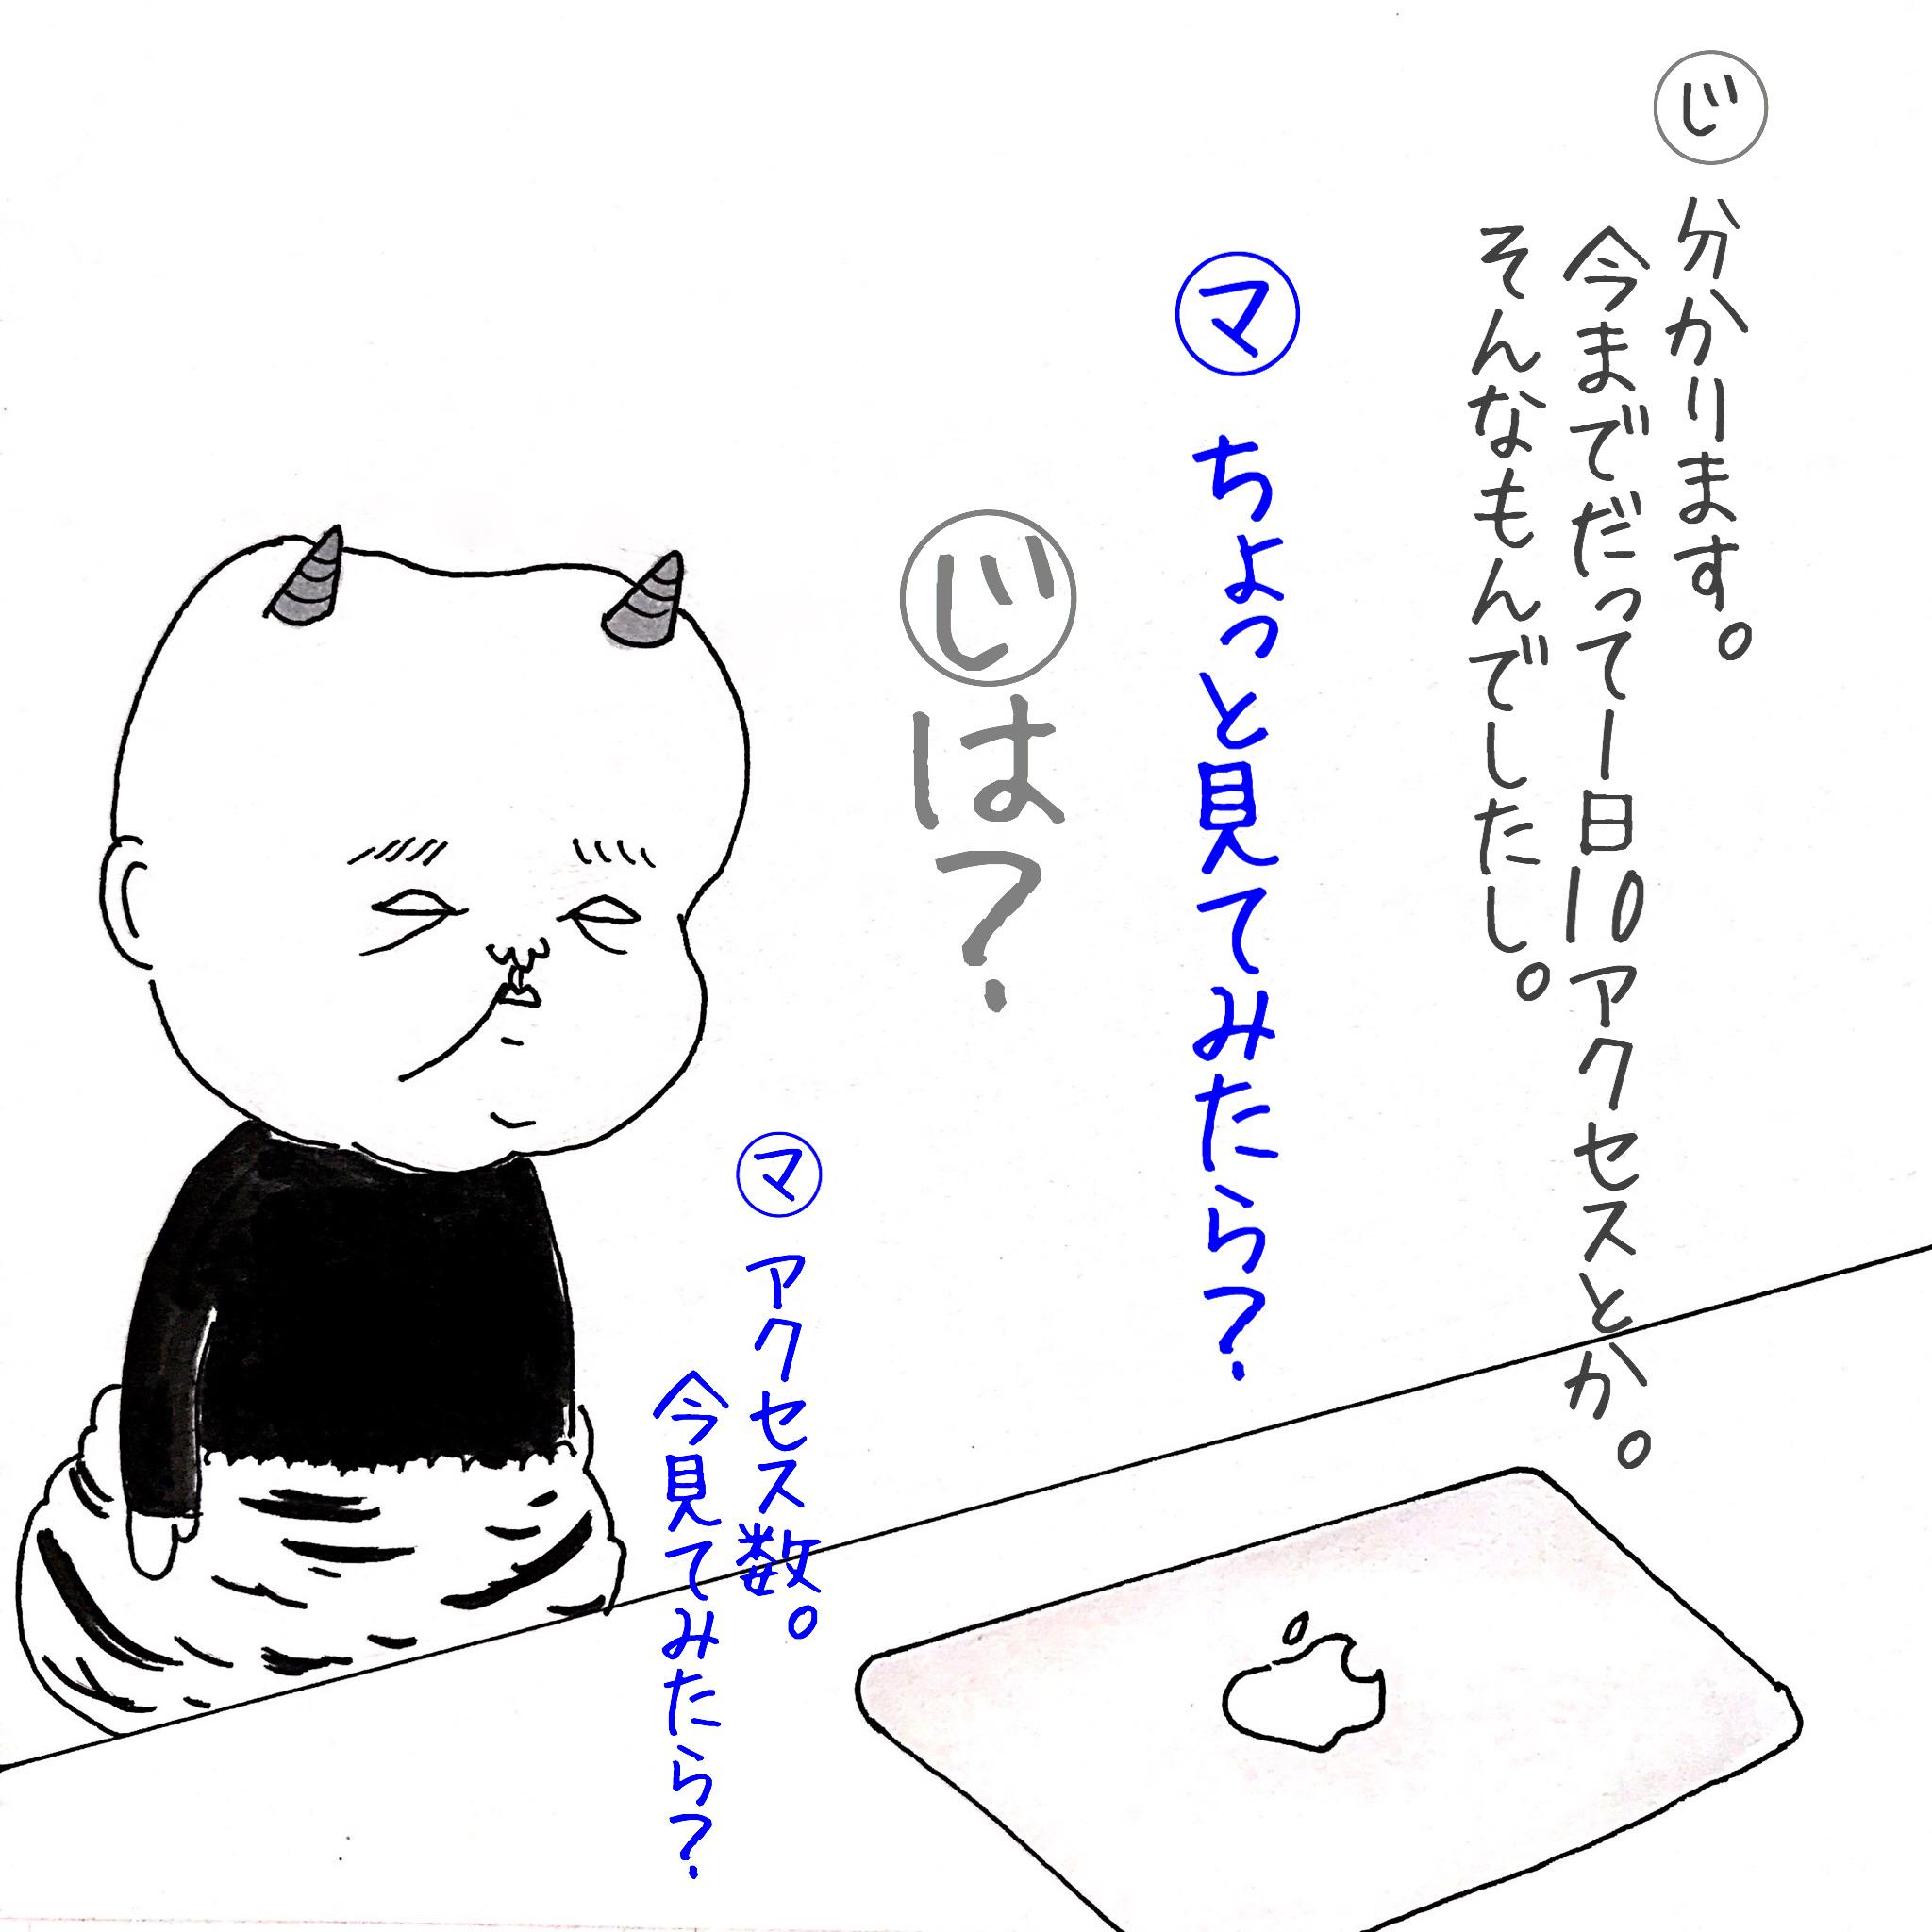 テレパシー会話漫画17